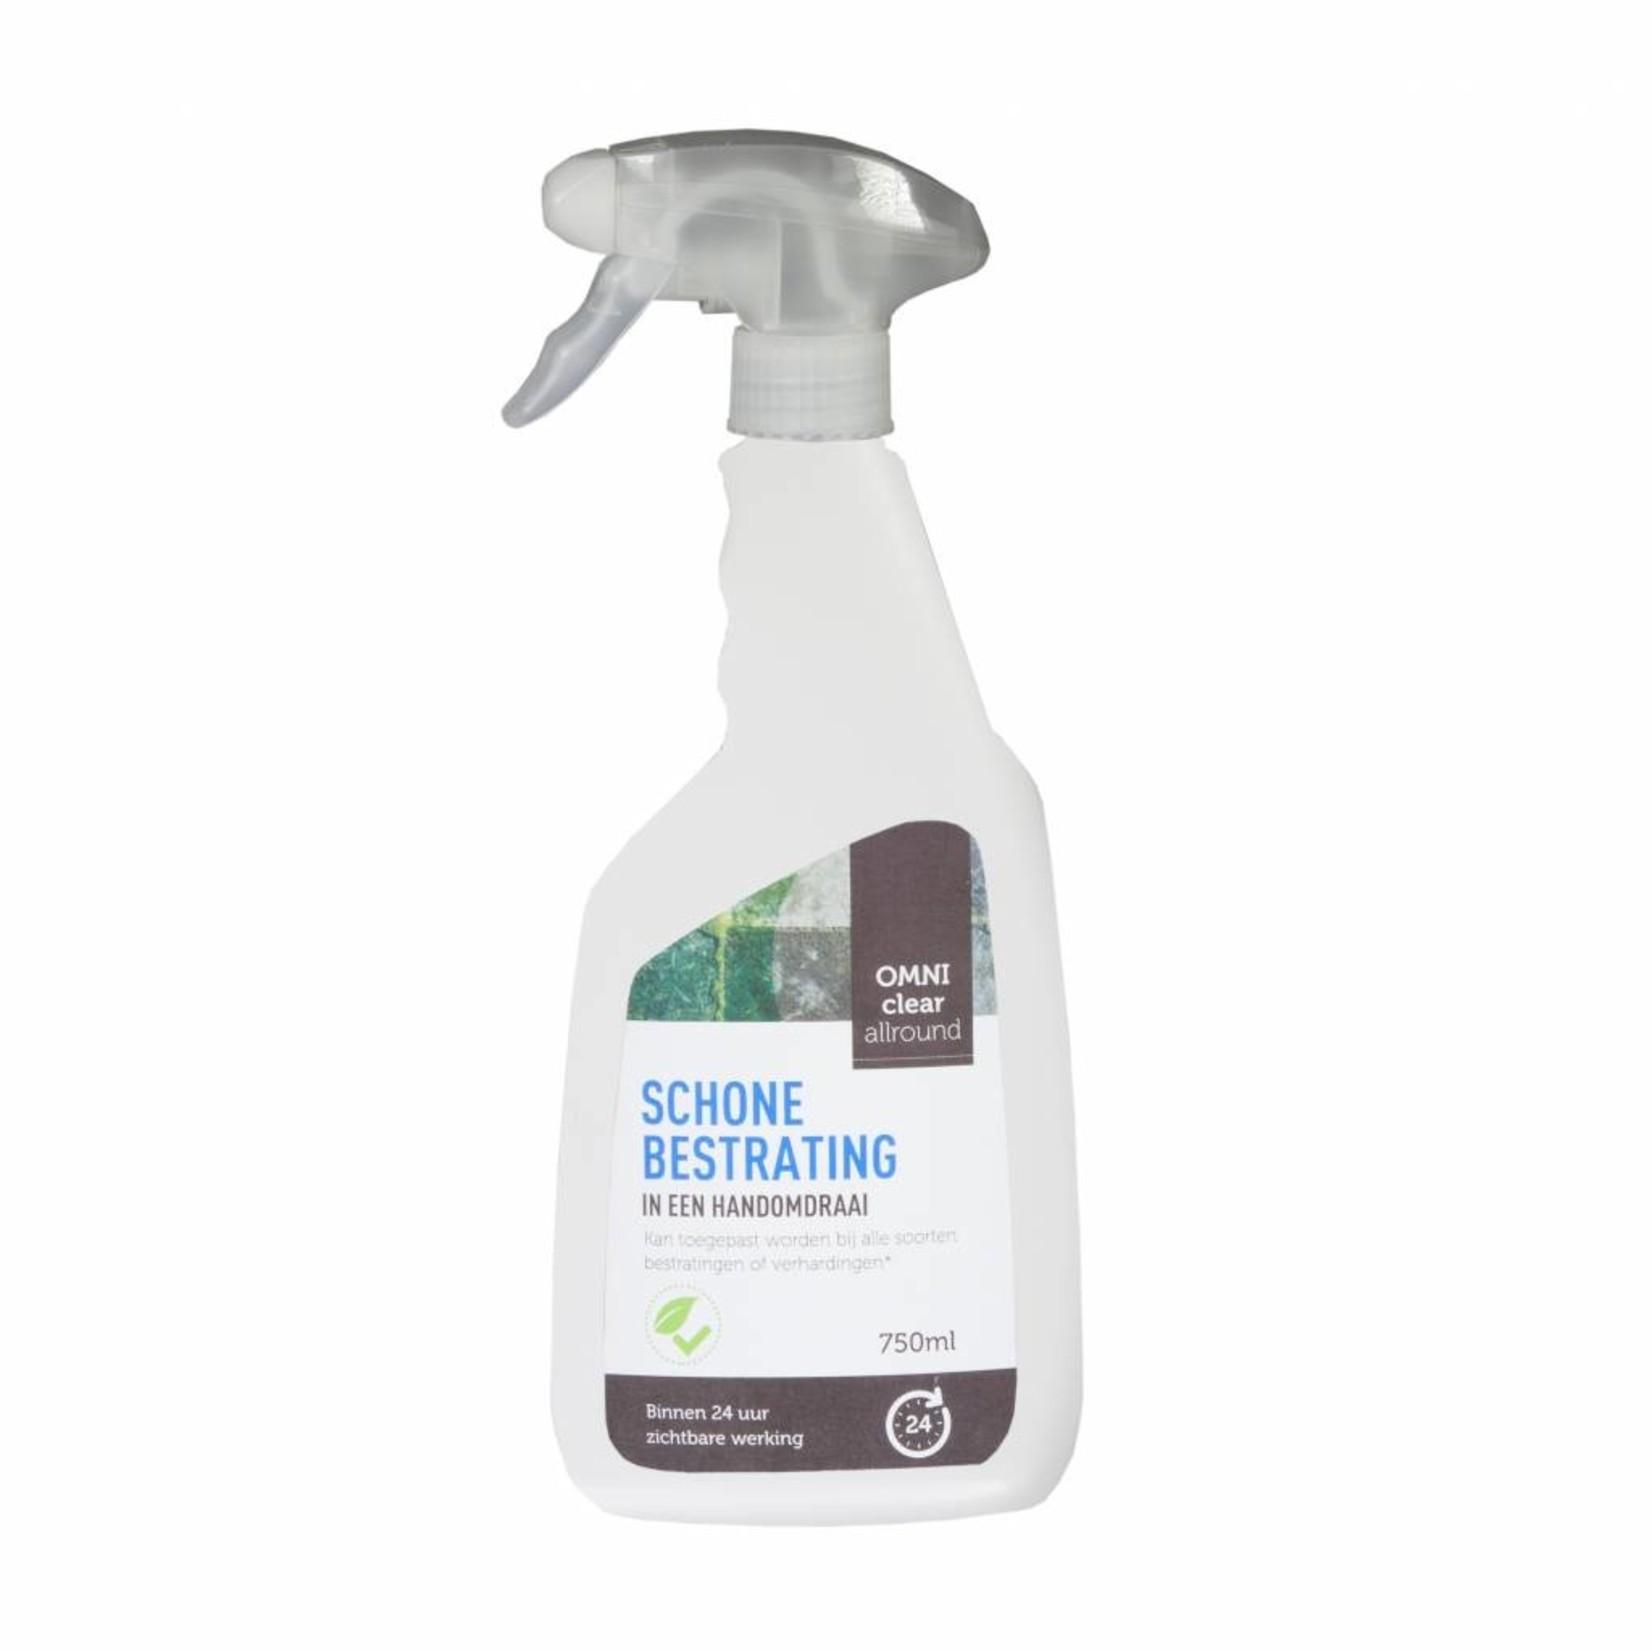 Omni Clear Allround 750 ml (gebruiksklaar) tegen groene aanslag, mossen en onkruiden